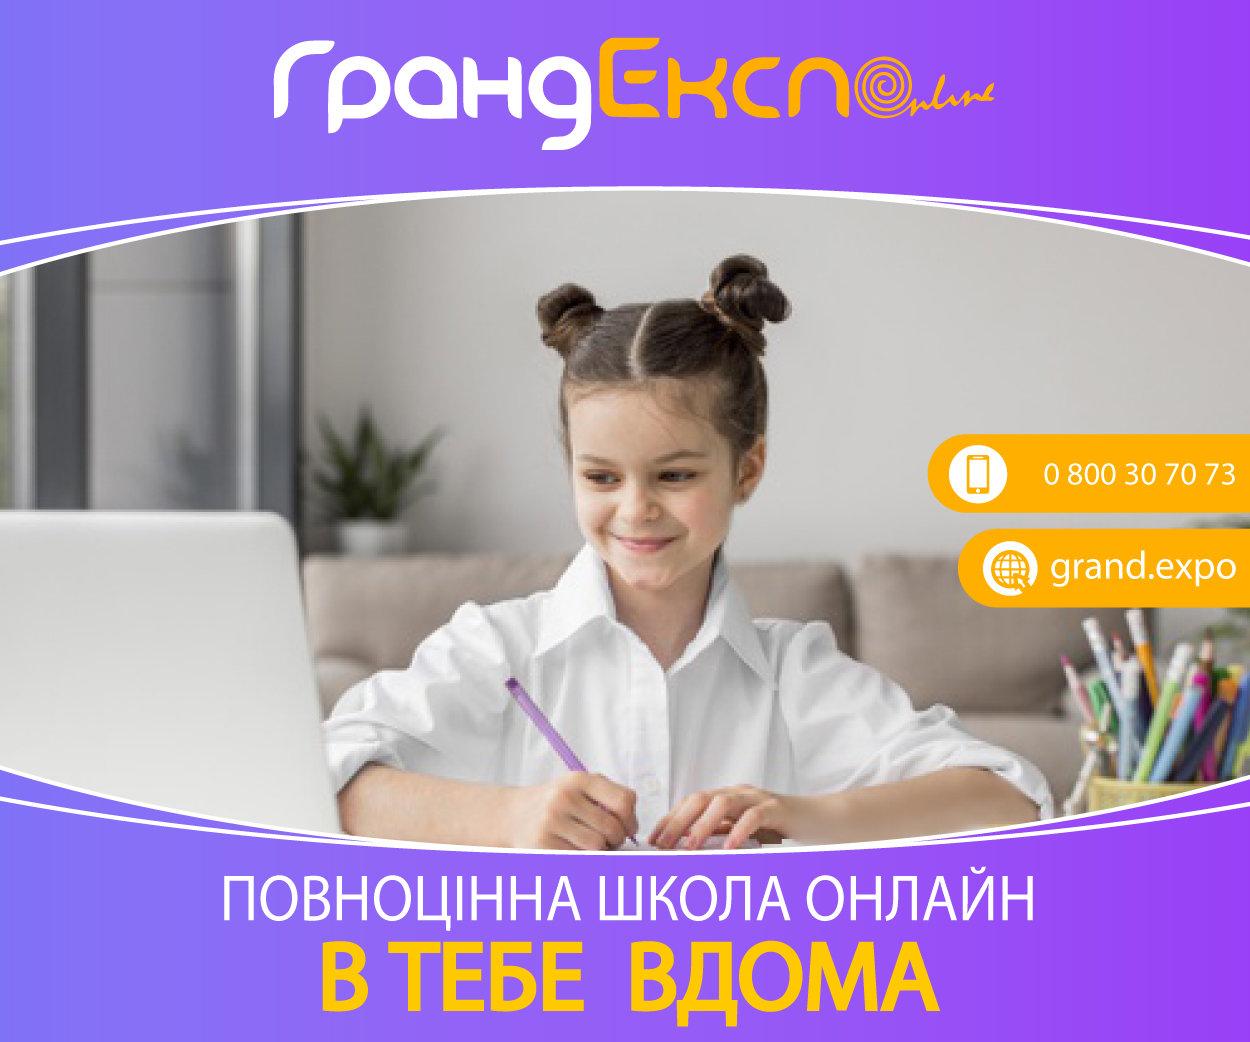 Развитие и образование ребенка в Одессе, фото-57